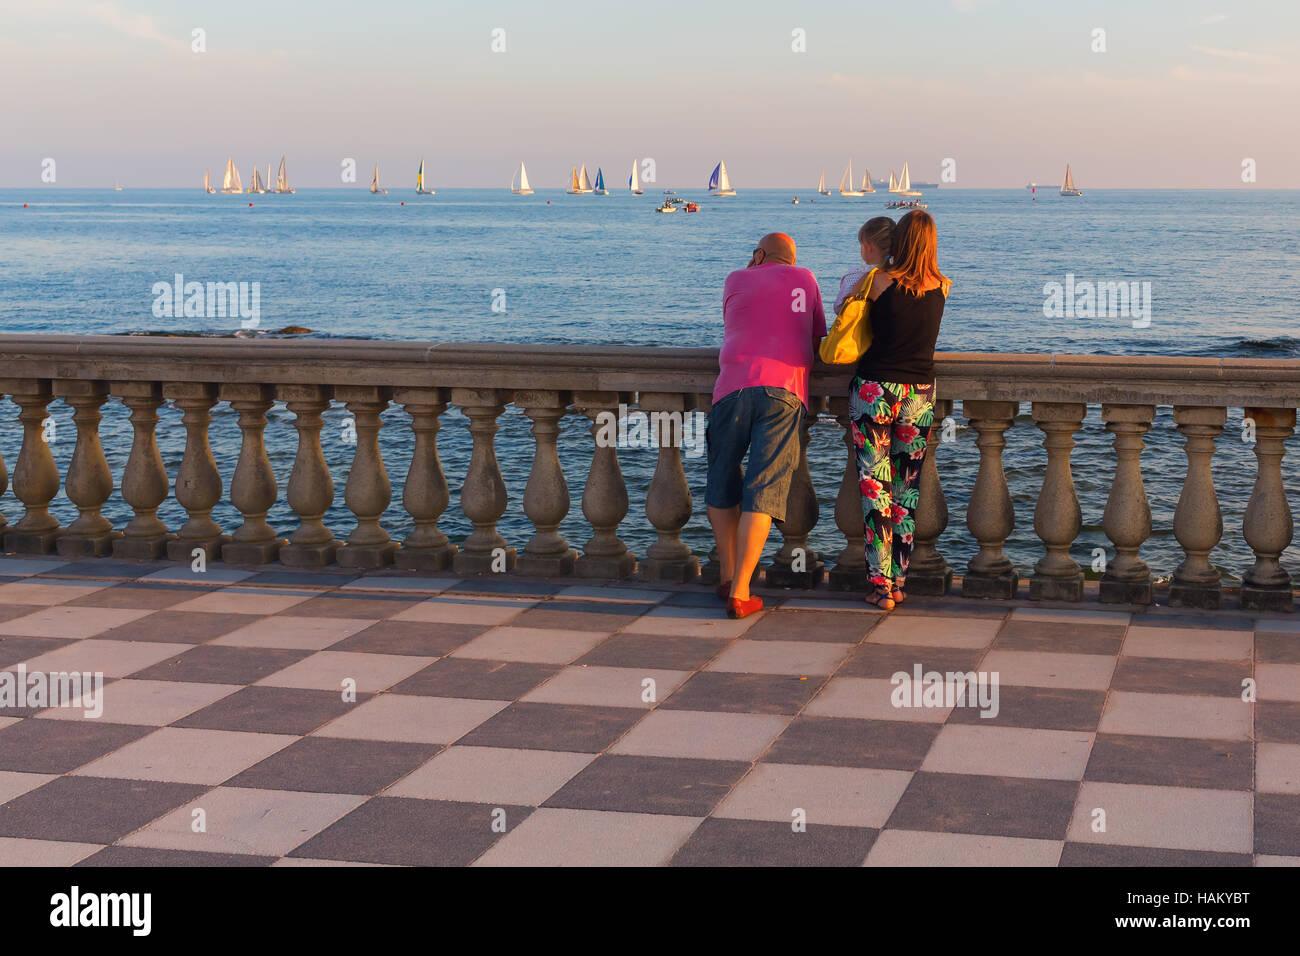 Terrazza Mascagni in Livorno, Italy Stock Photo: 127057724 - Alamy